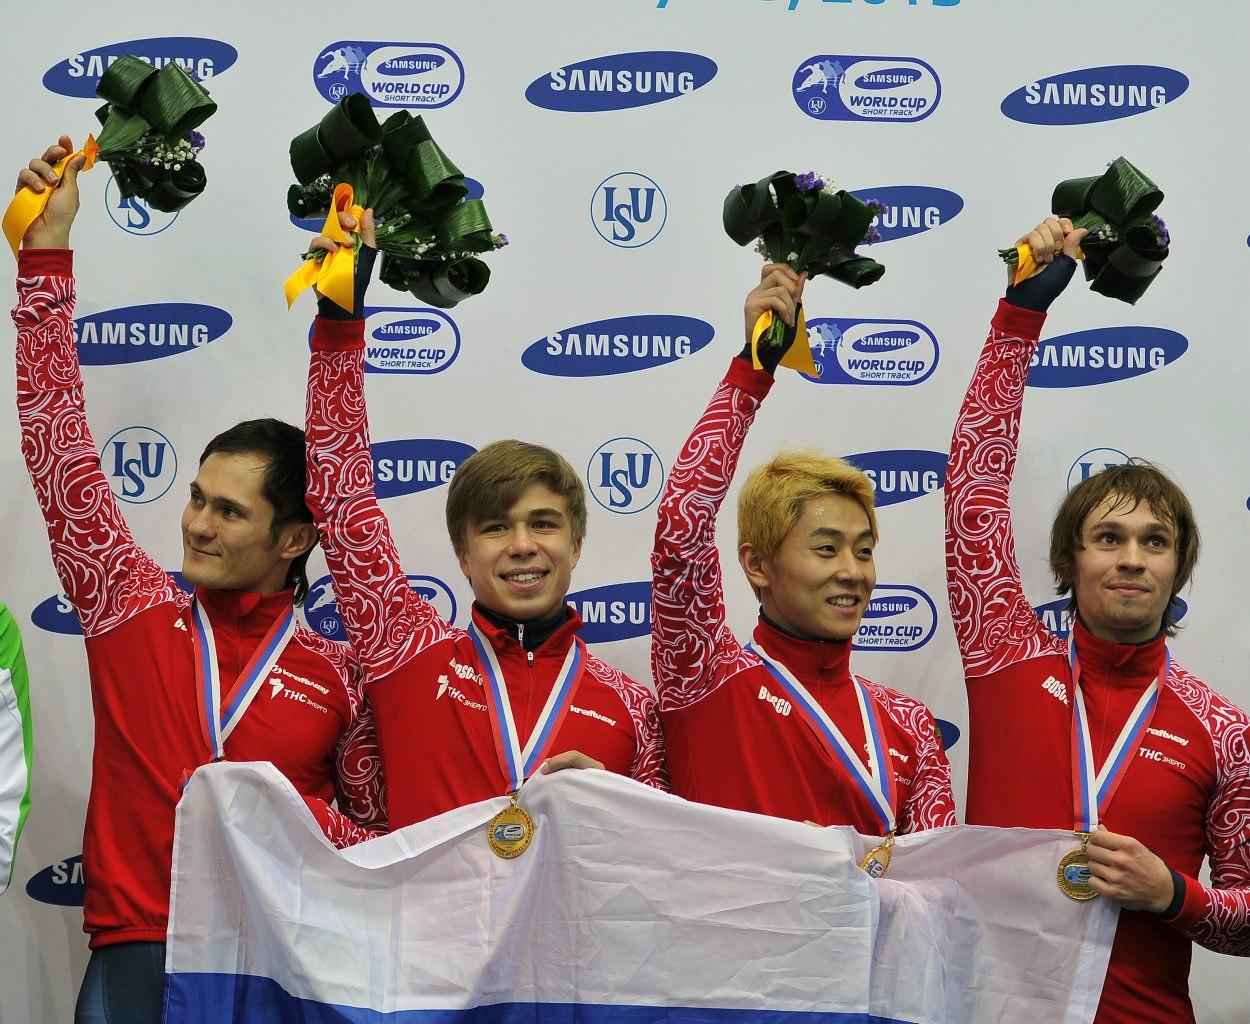 Семен посвятил медаль спортсменам, которых дисквалифицировали из-за допинг-проб, в том числе именитым чемпионам Сочи-2014